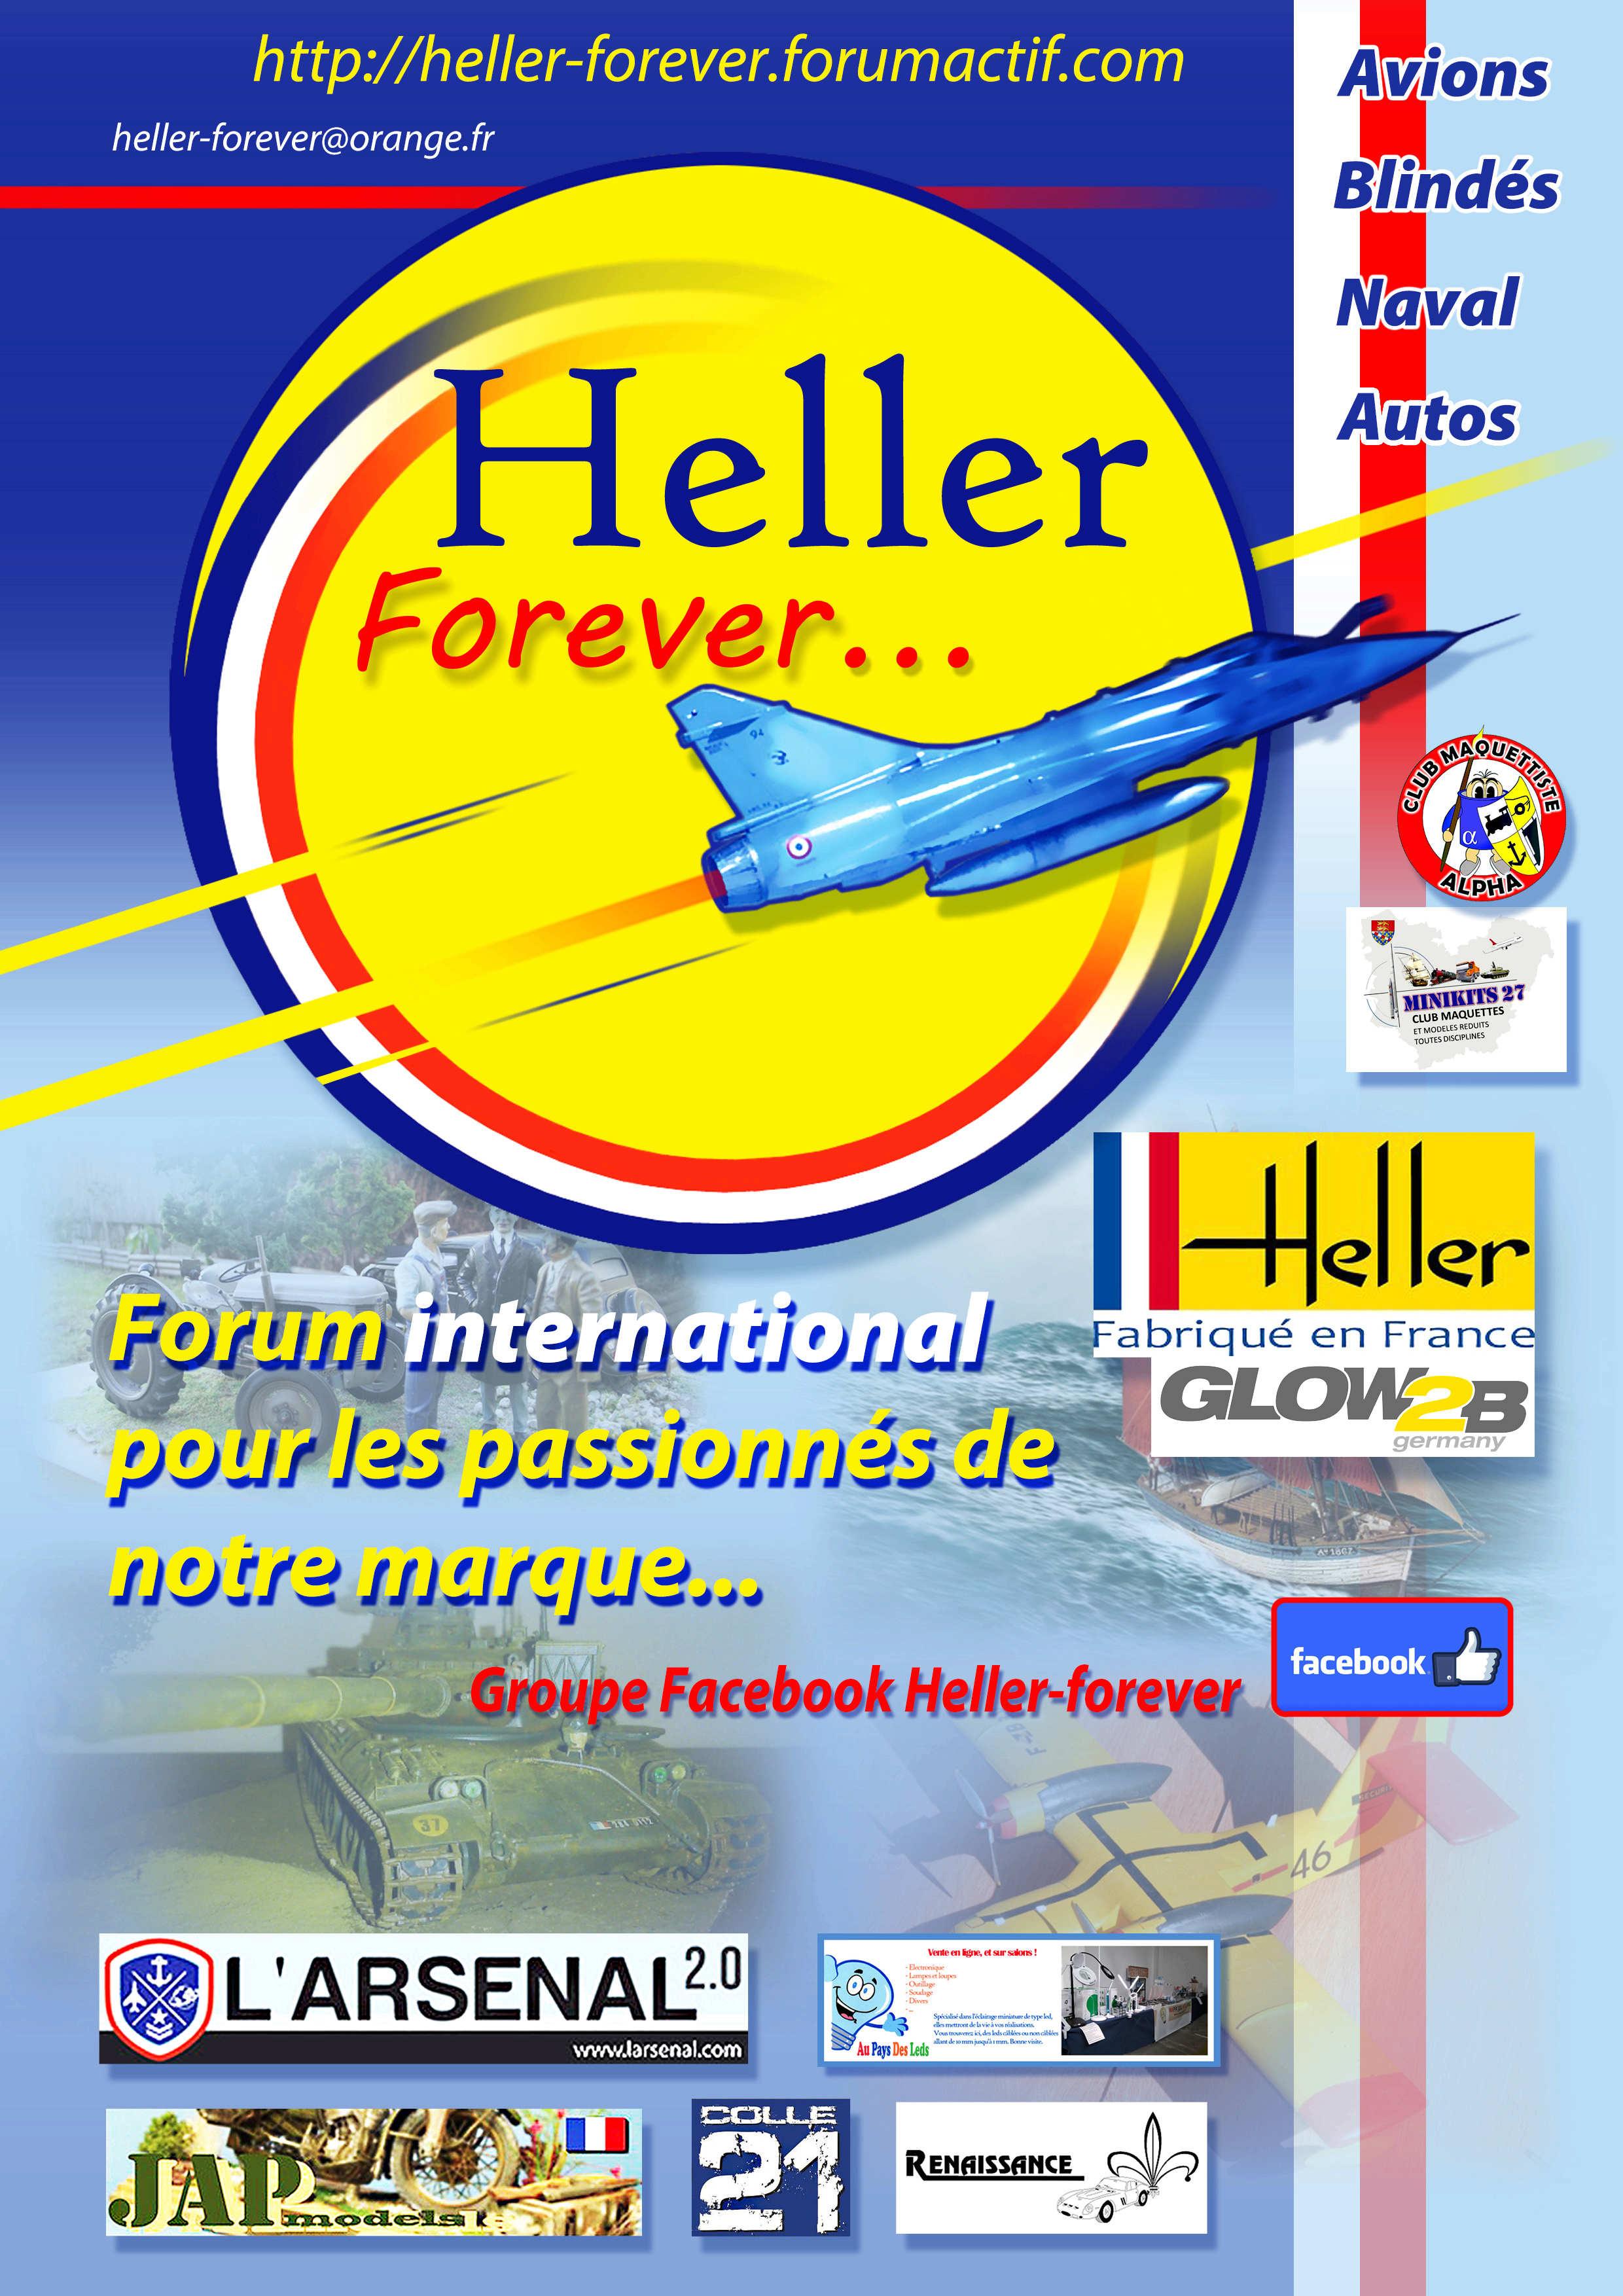 L'histoire du forum Heller-forever - Page 2 Flyera10